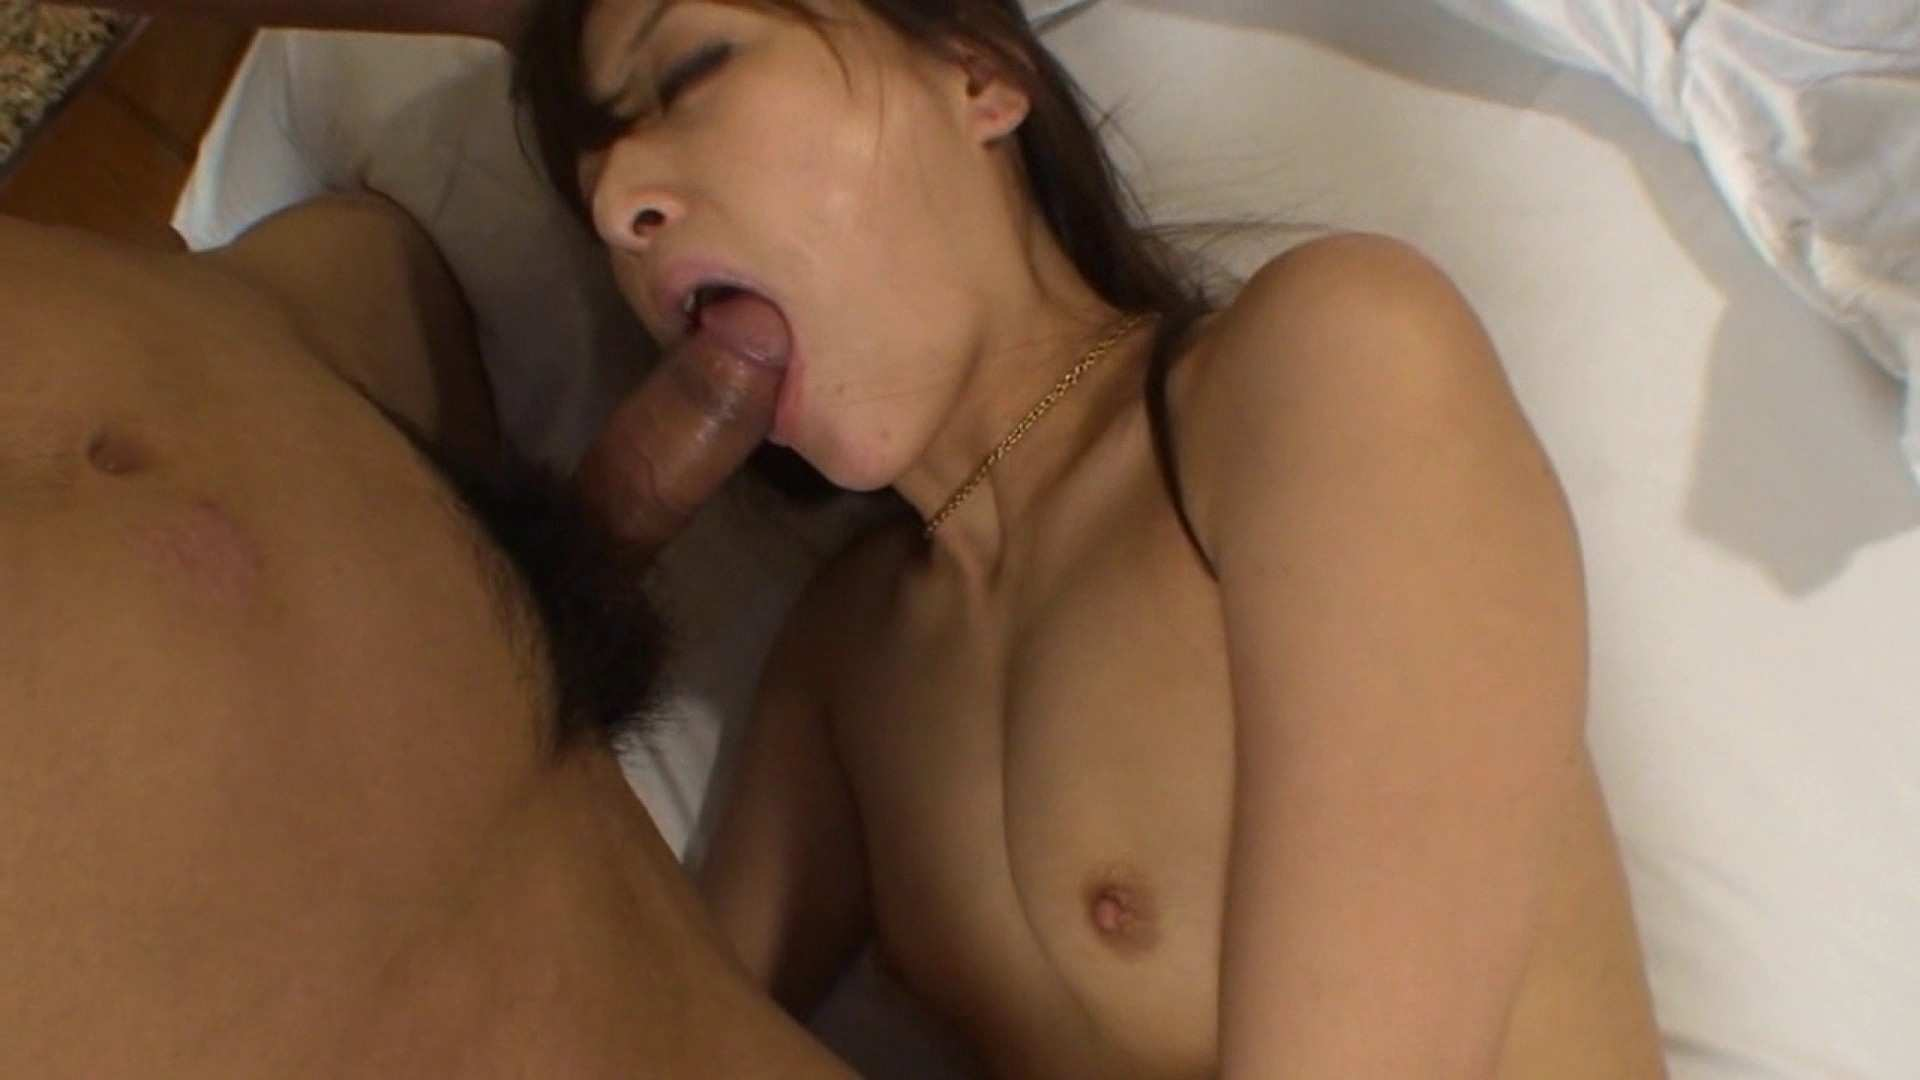 素人S級美女特選!小悪魔ギャル噂のビッチガールVol.03 ギャルのエロ動画 オメコ動画キャプチャ 98pic 93